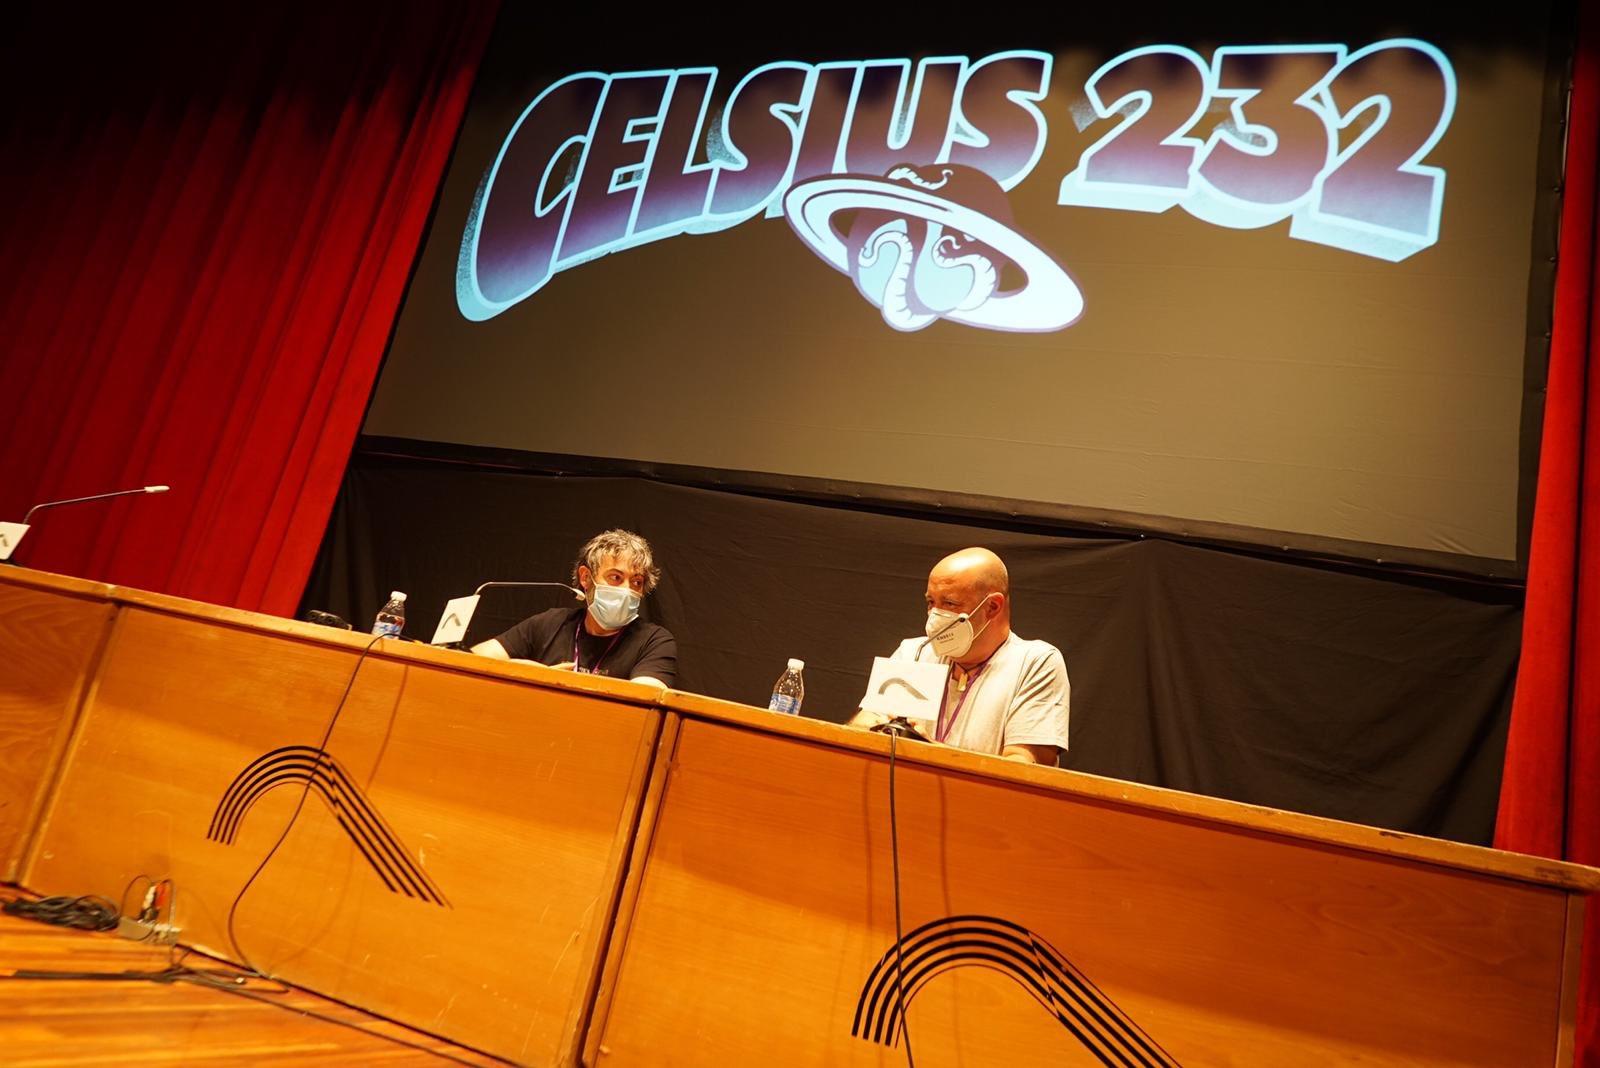 Carlos Sisí en el Celsius 232 2020